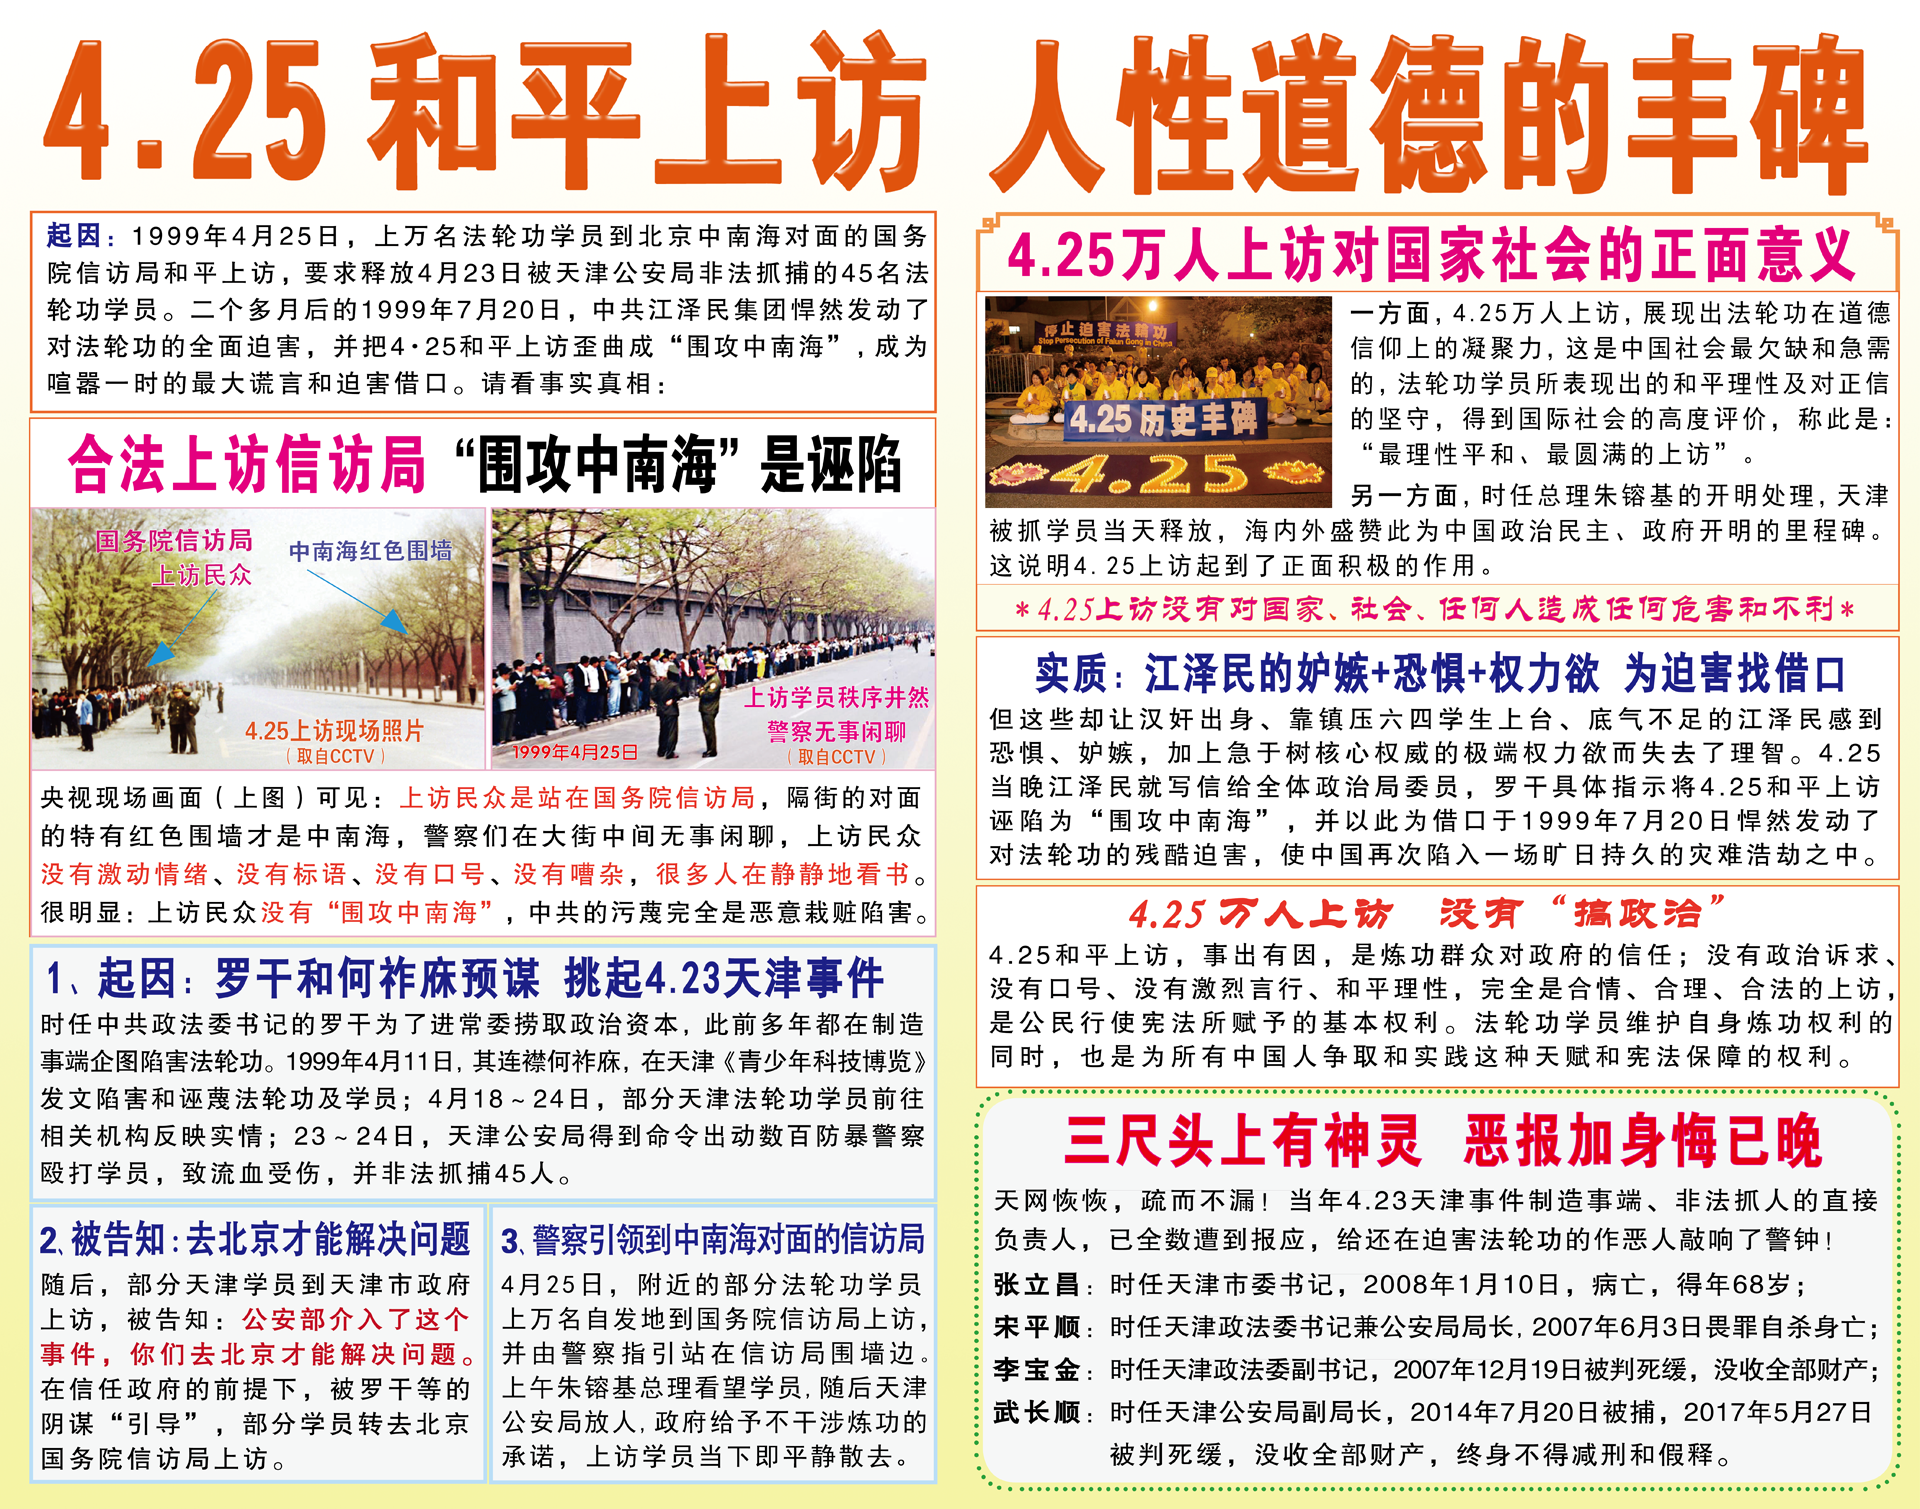 中共镇压迫害法轮功20年  信仰者坚持炼功(图)